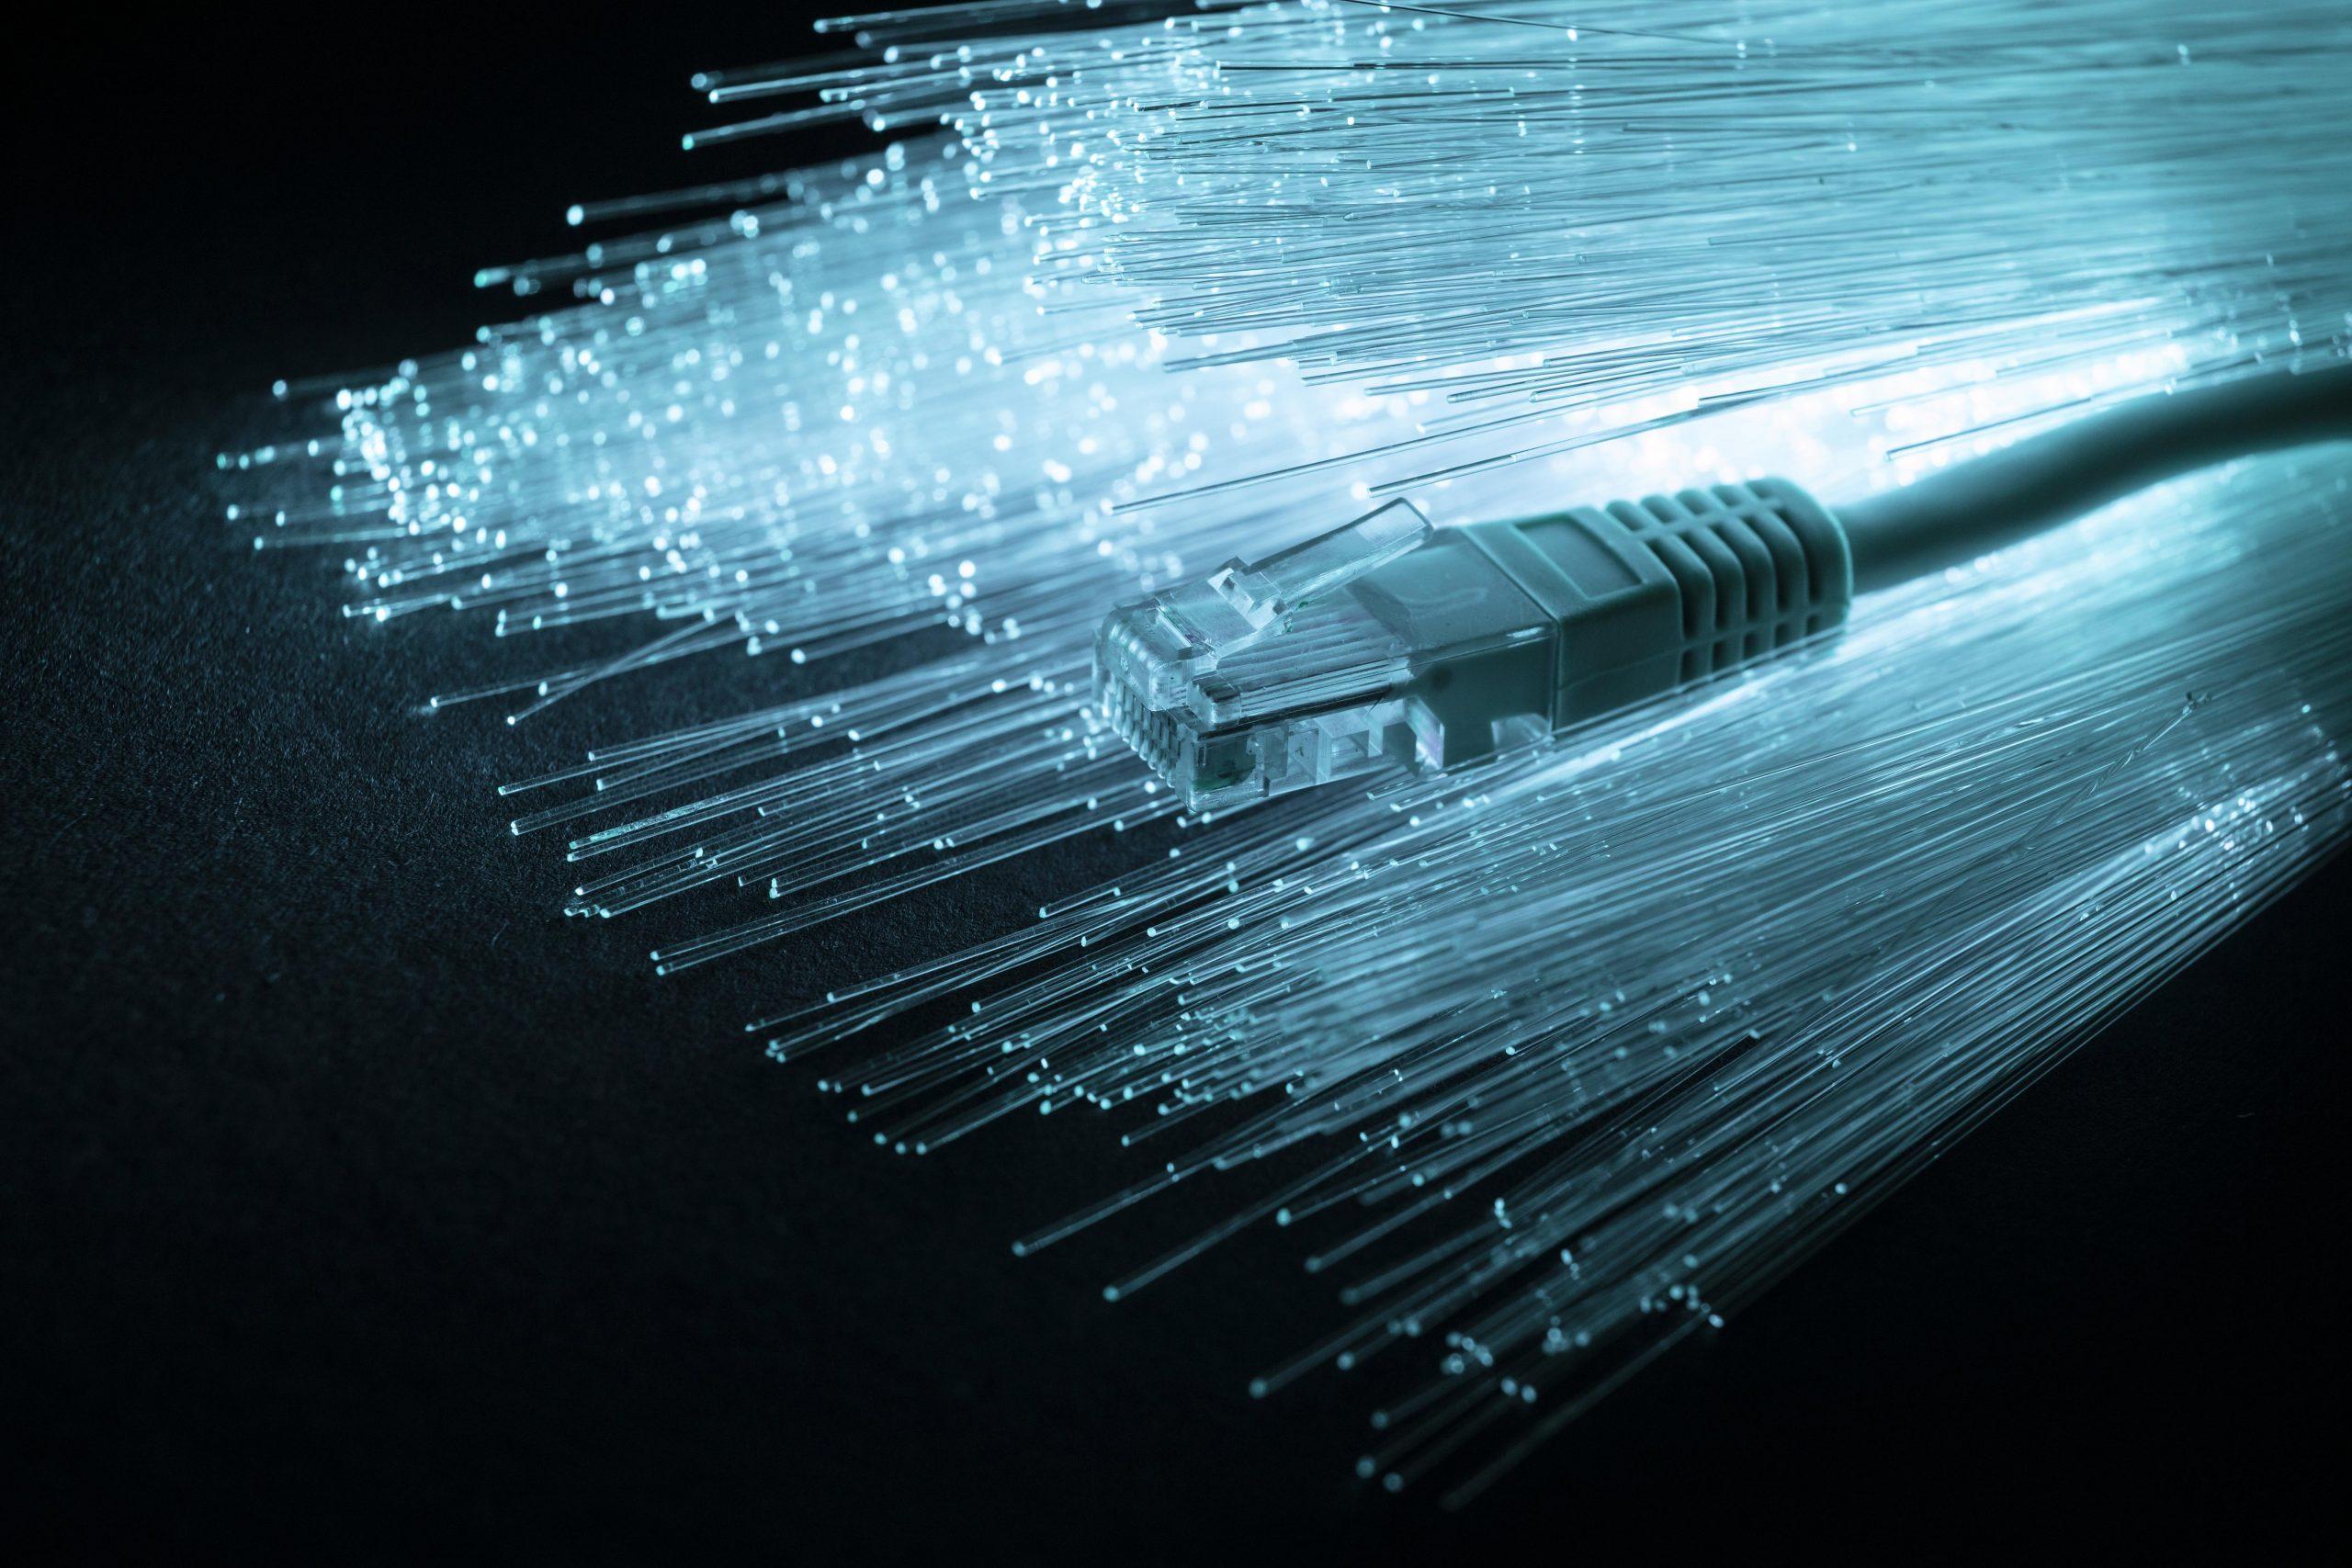 Telecoms broadband fibre optics cable